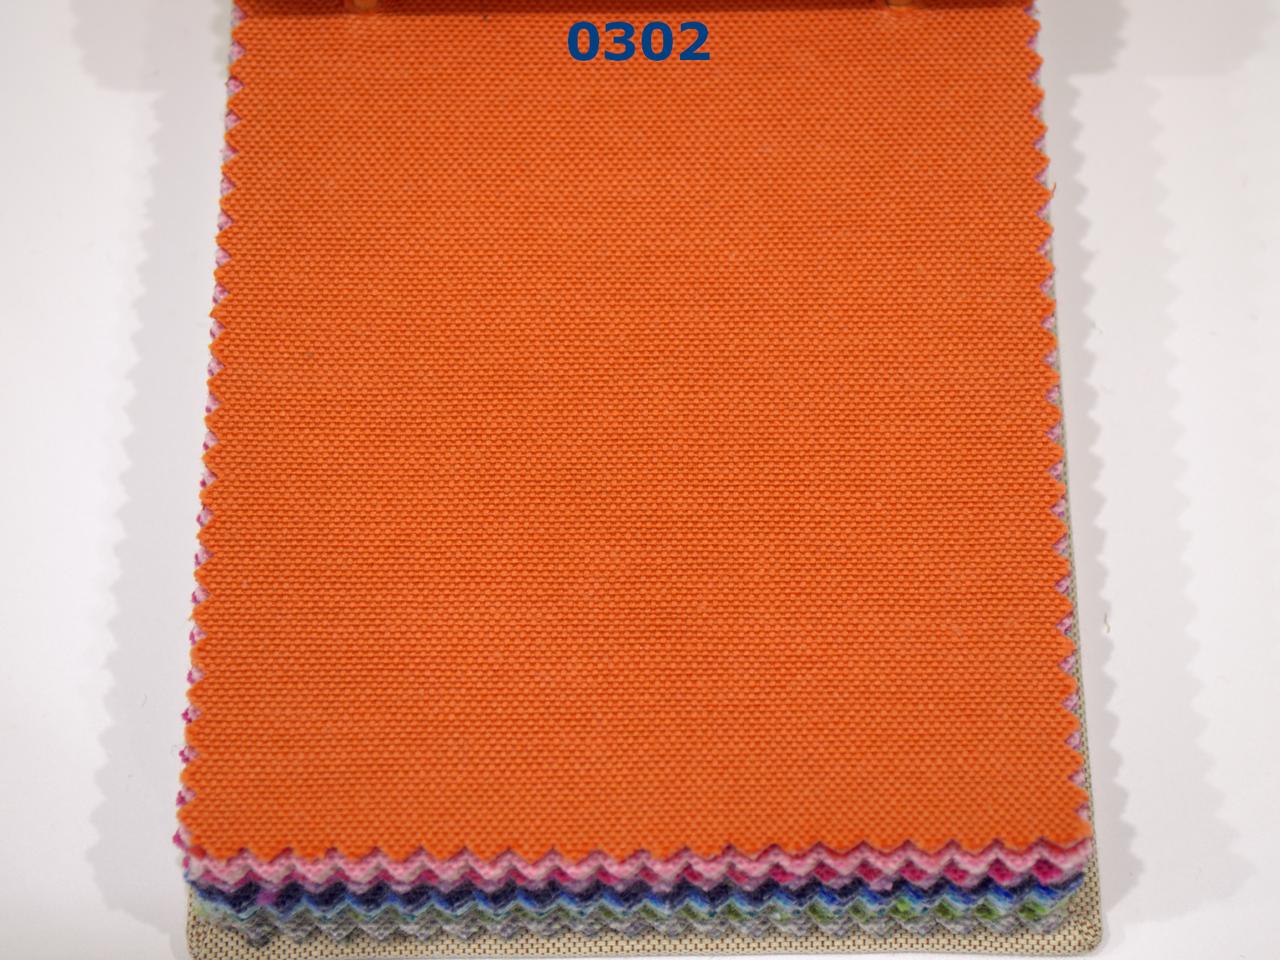 Ткань для Скатертей Морковная с пропиткой Тефлон-180 Однотонная Турция ширина 180см